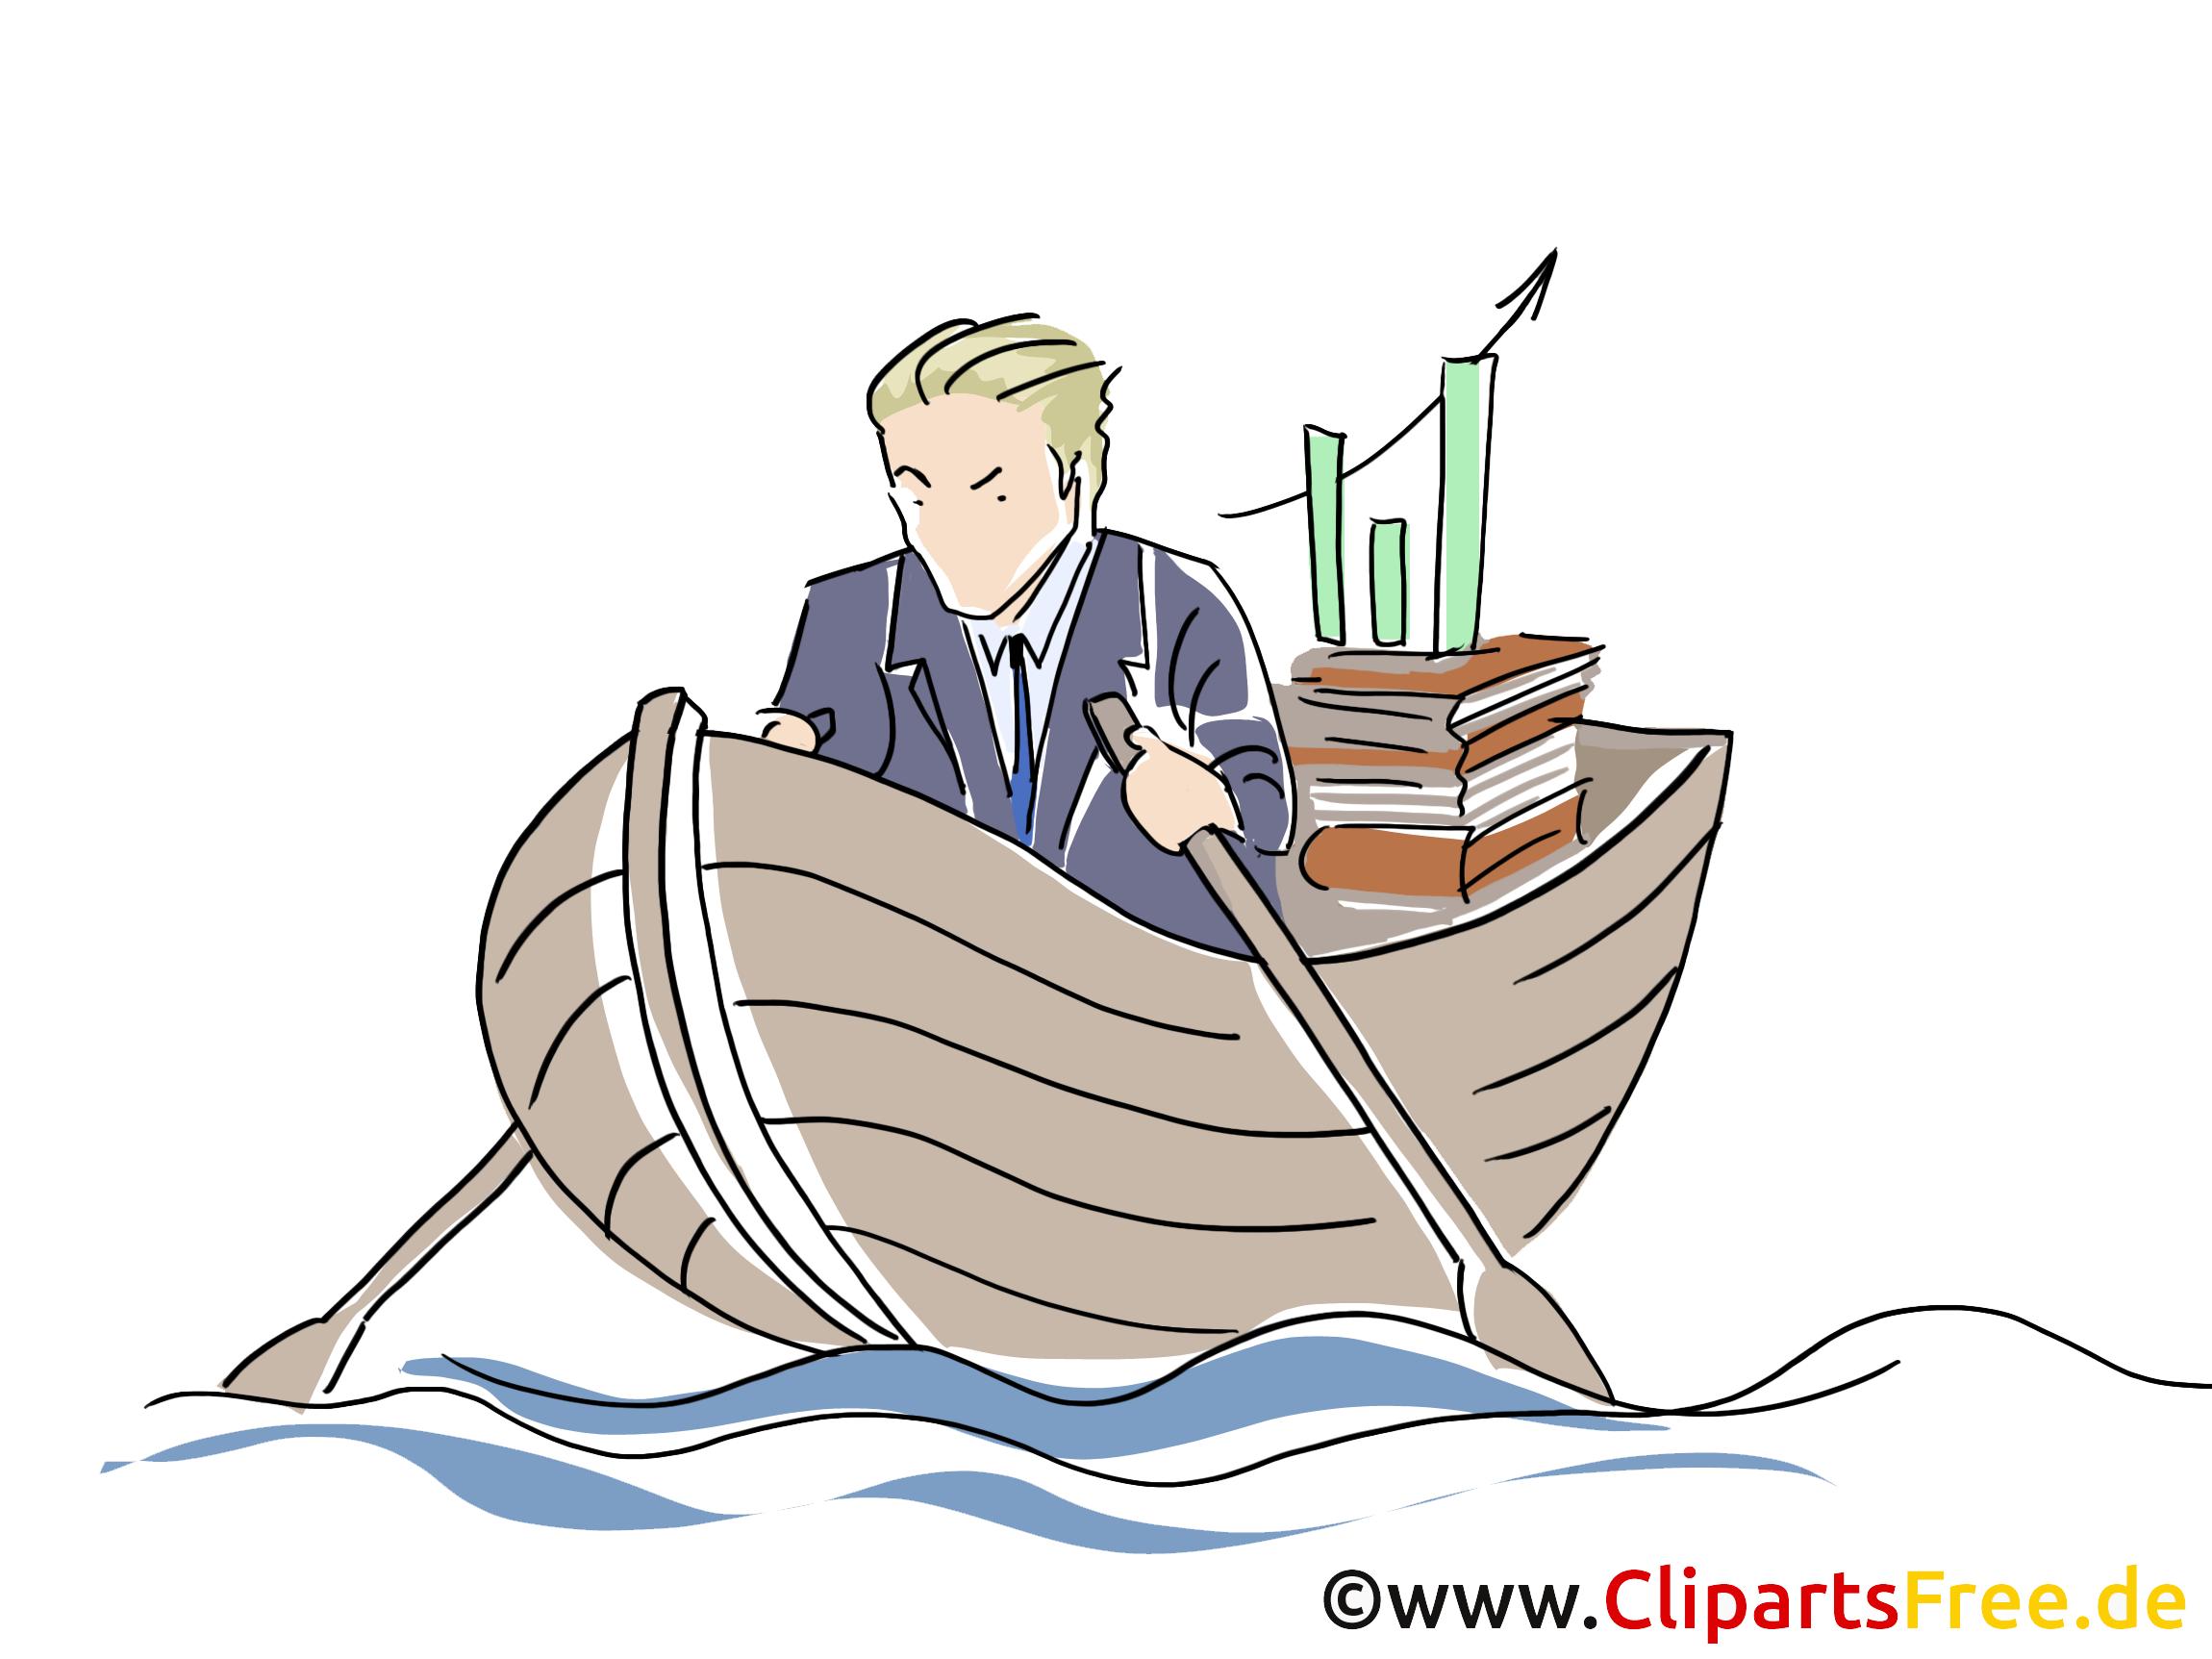 Bateau illustration gratuite – Entreprise clipart